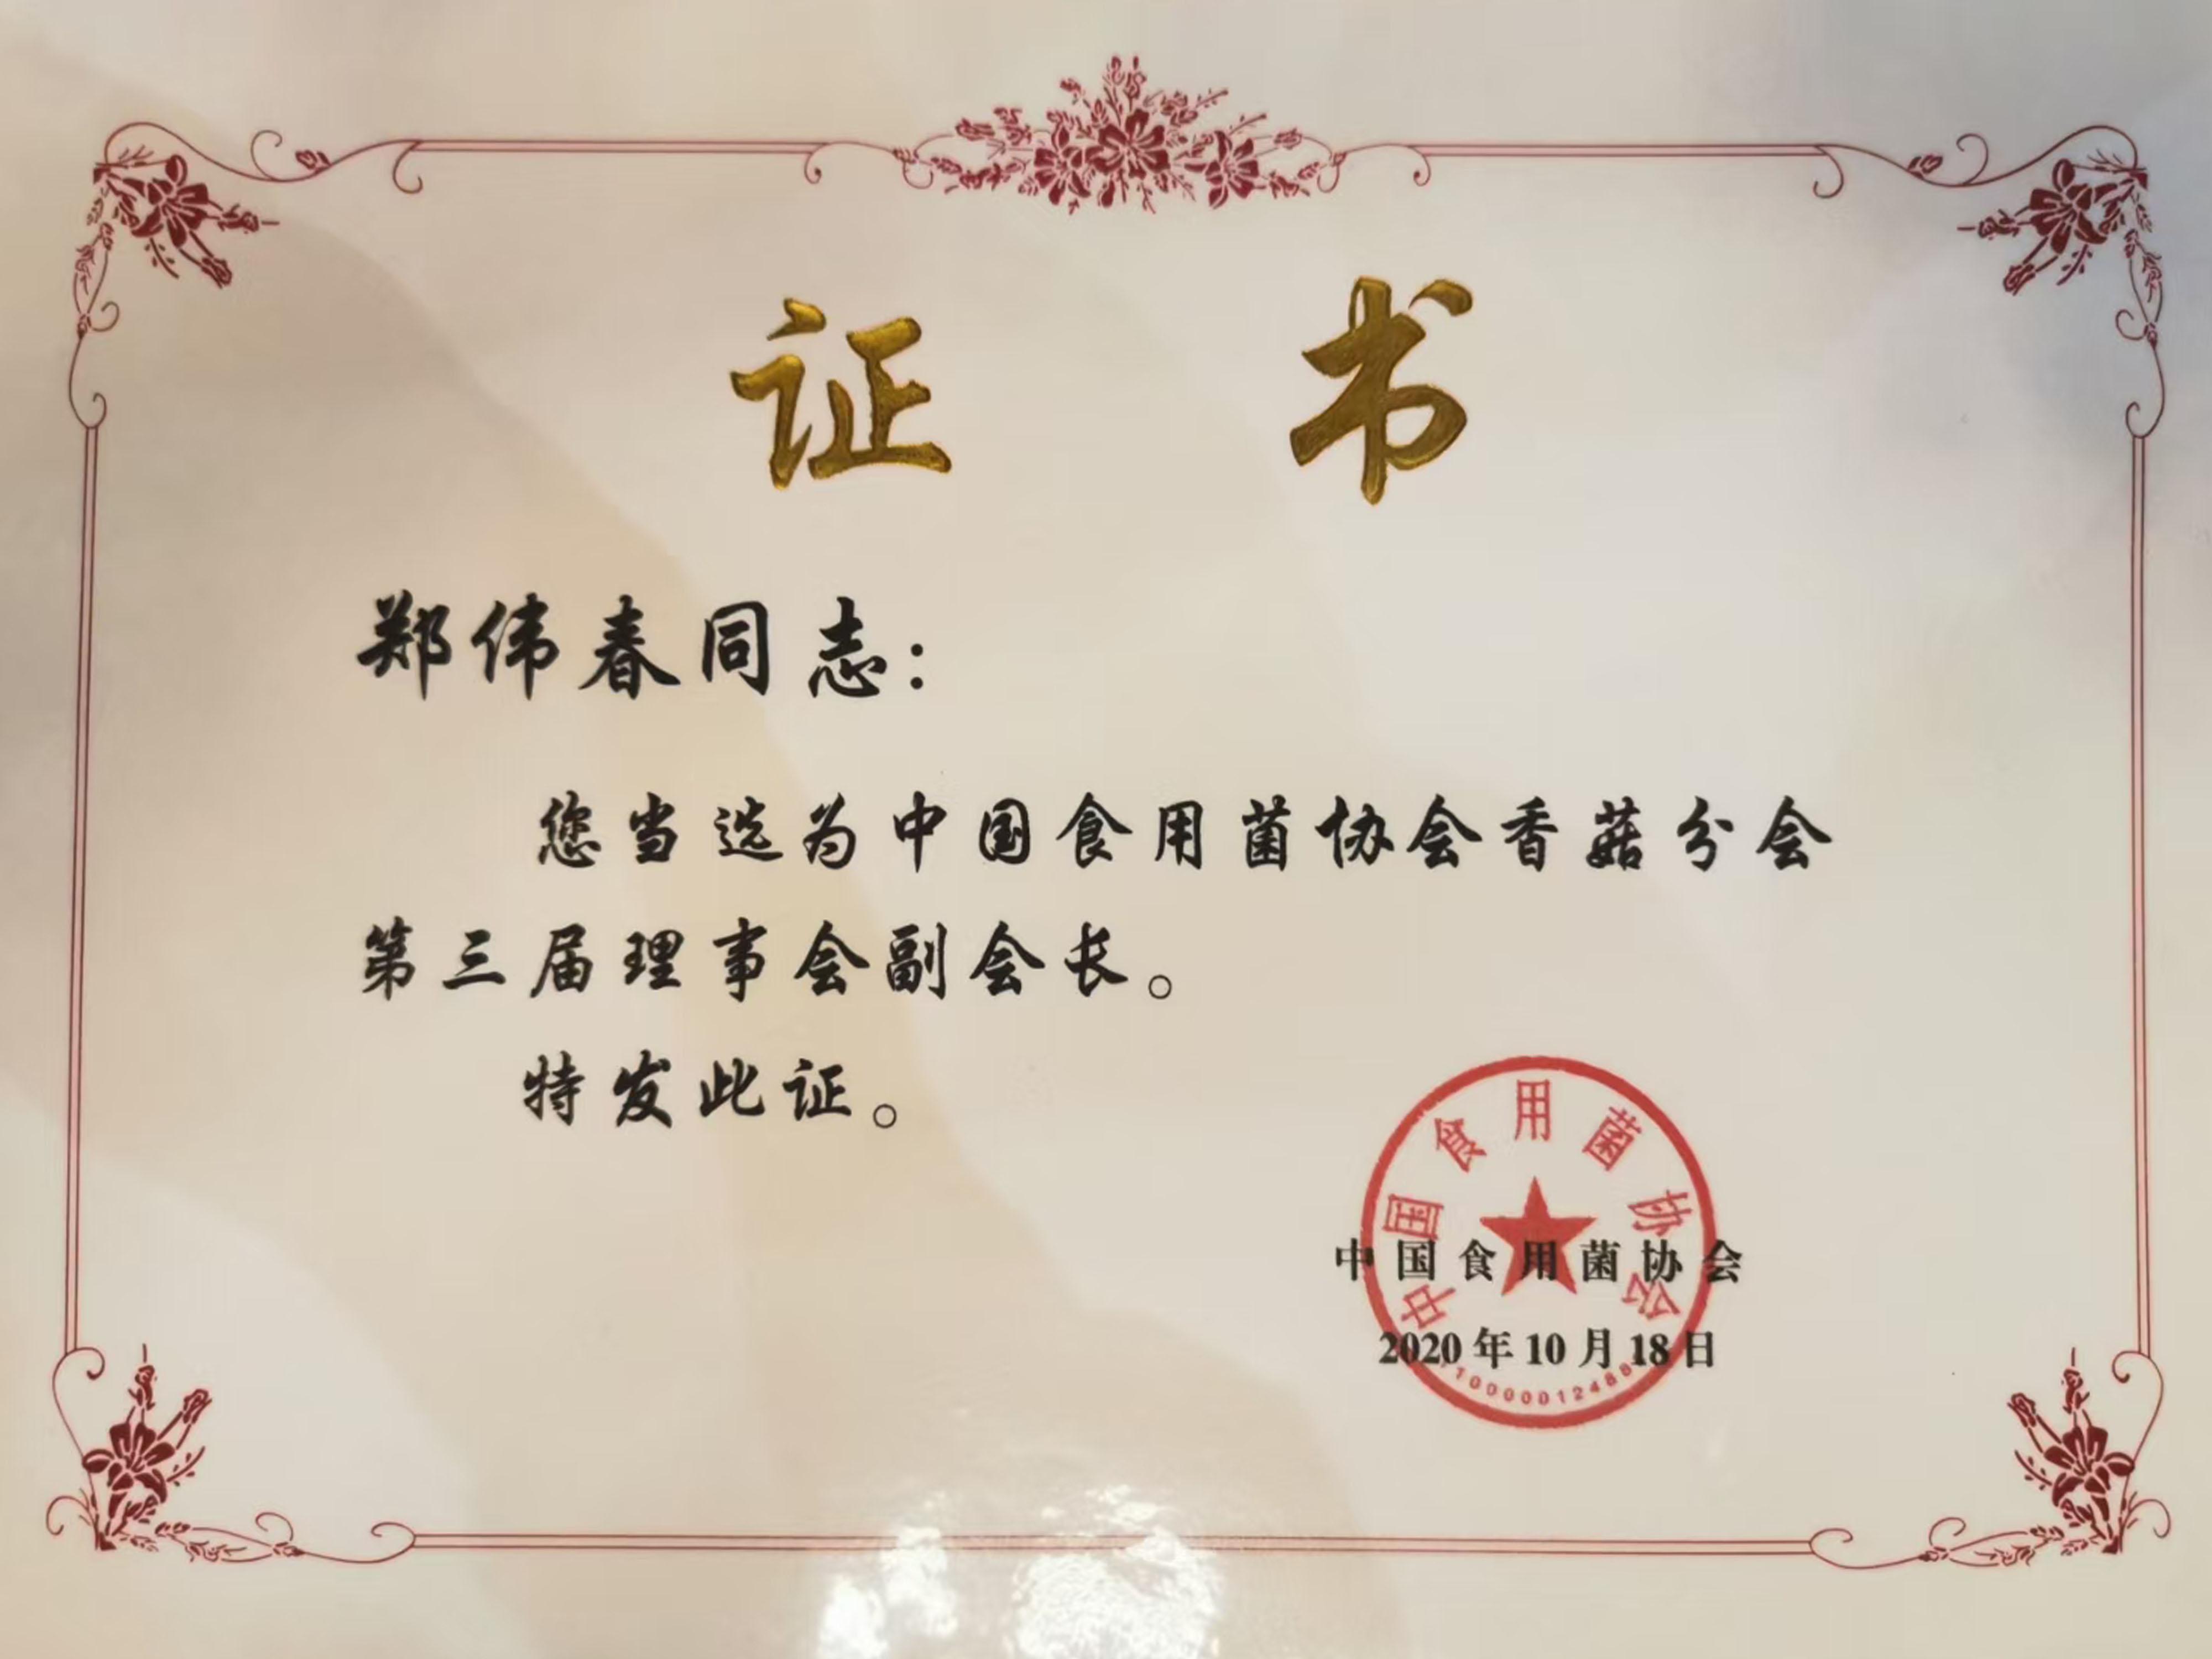 中国食用菌协会香菇分会副会长单位